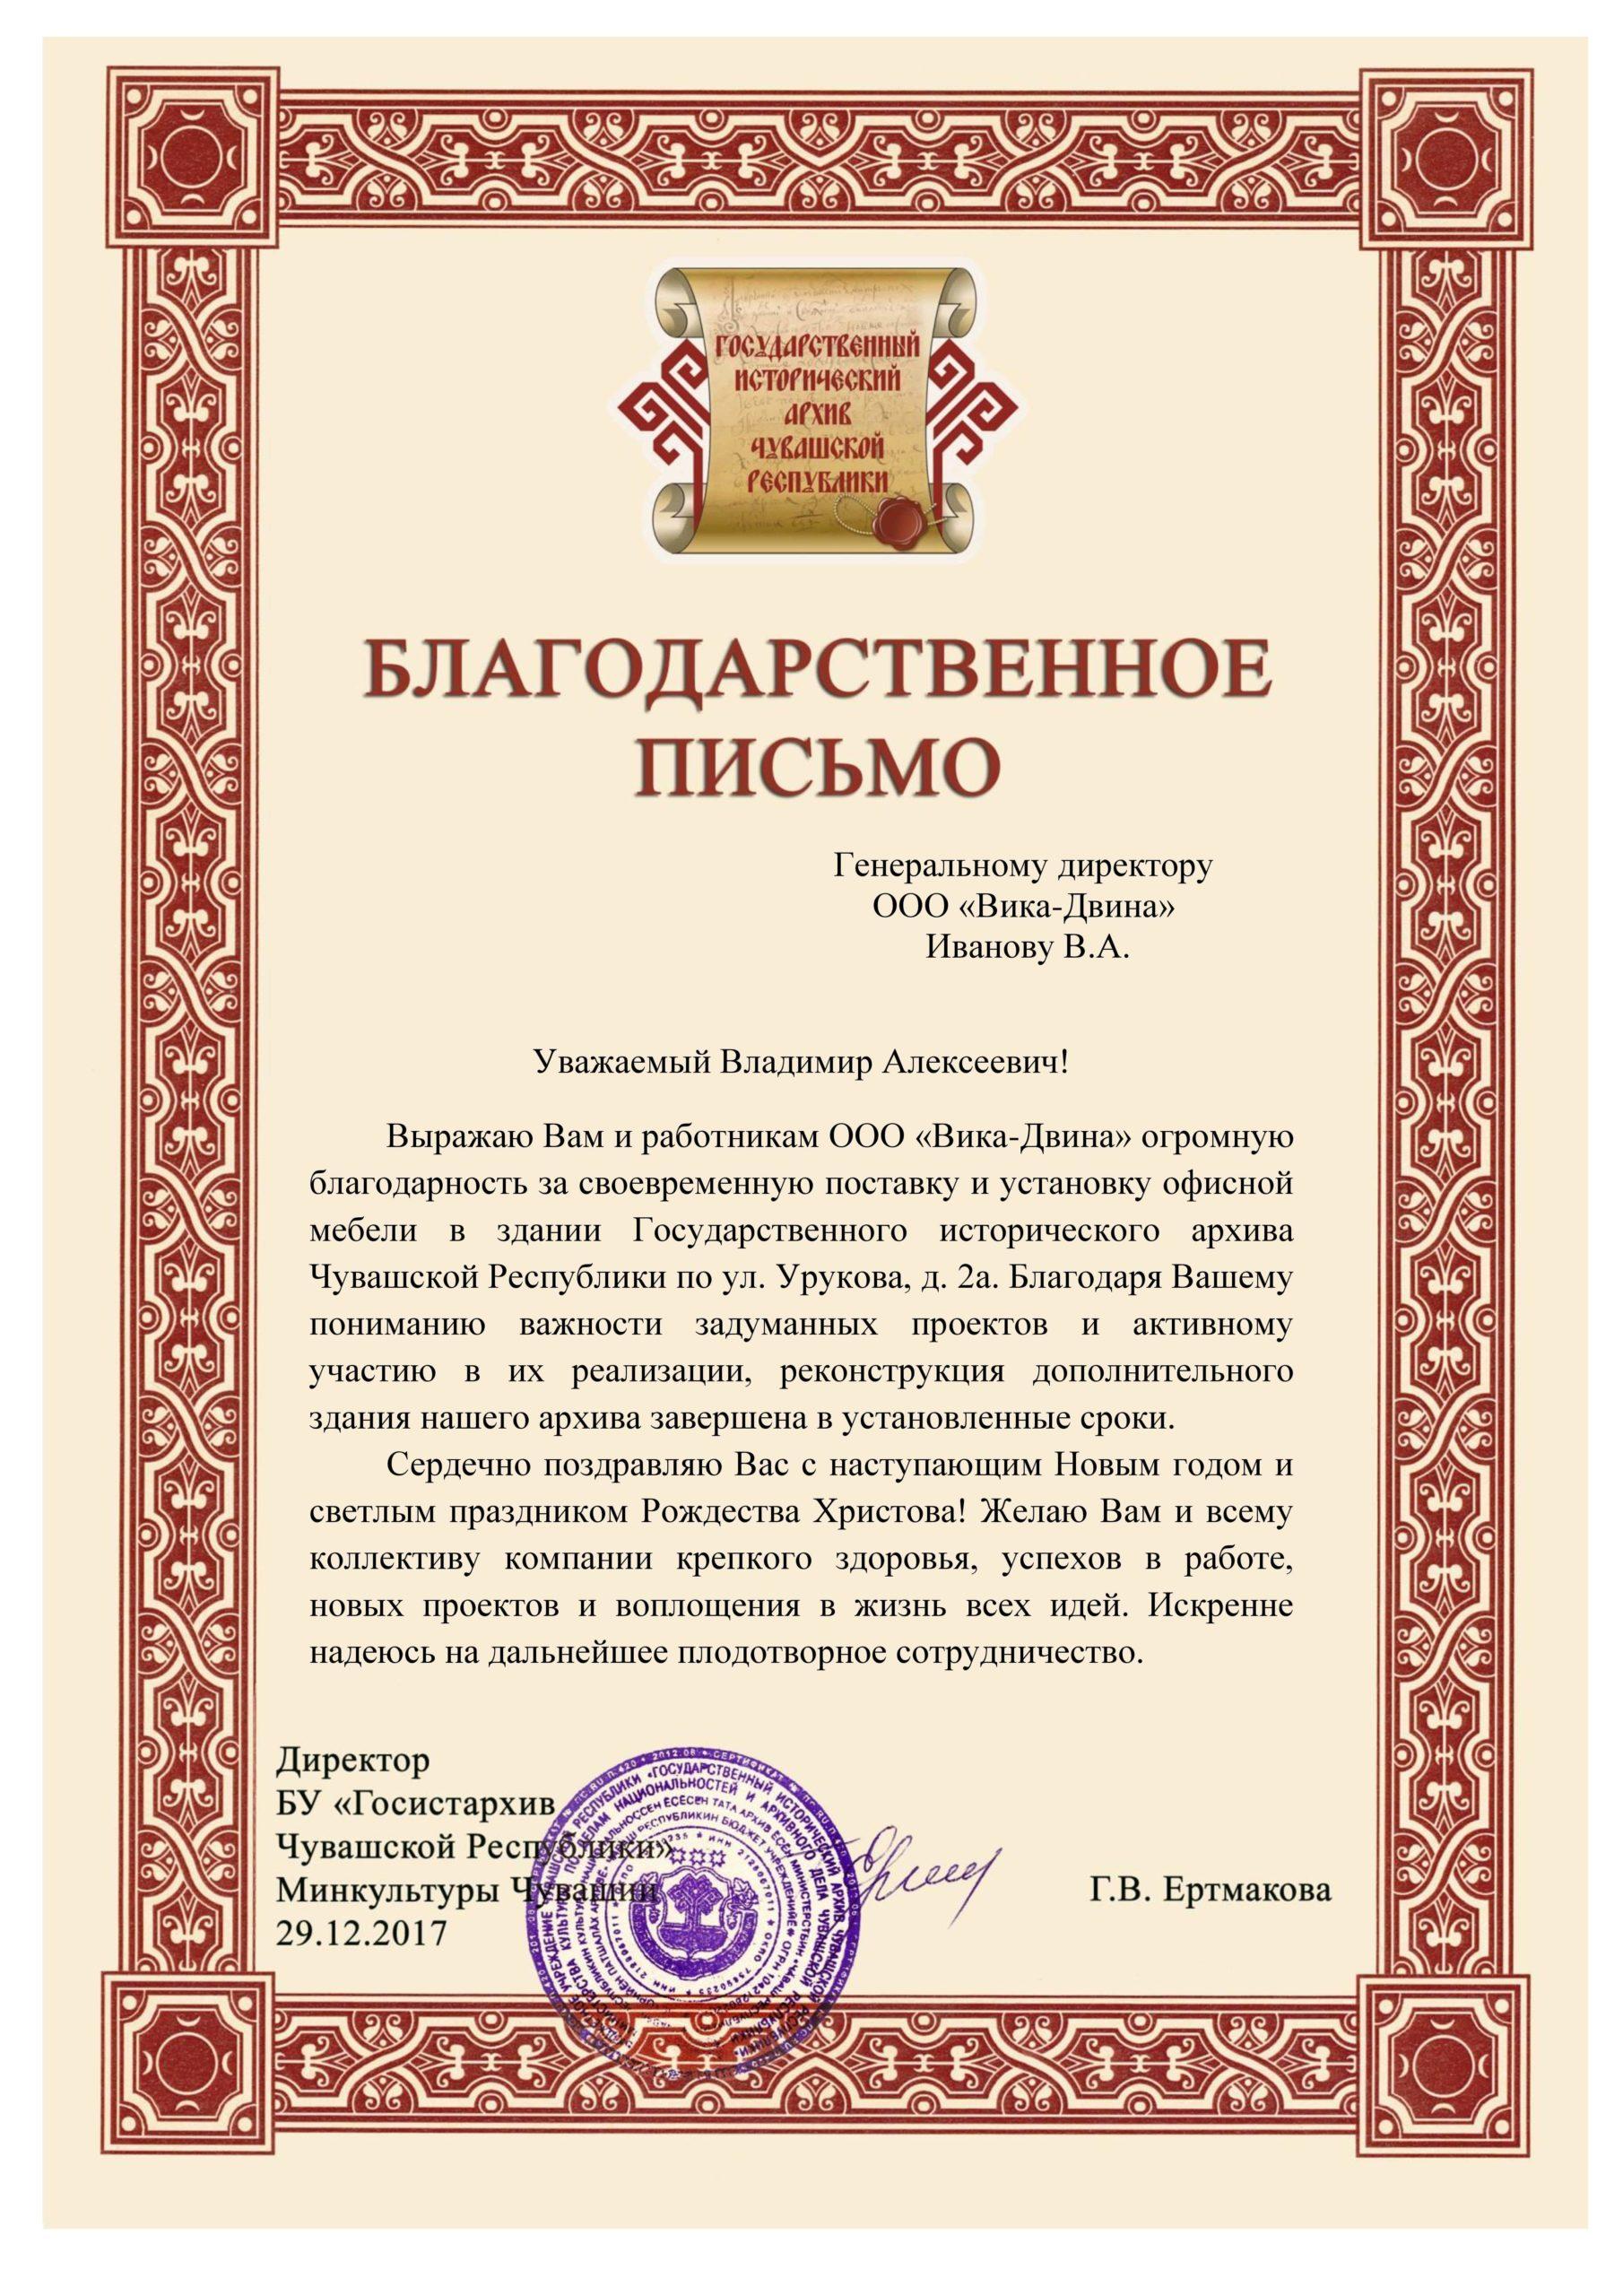 БУ Госистархив Чувашской Республики